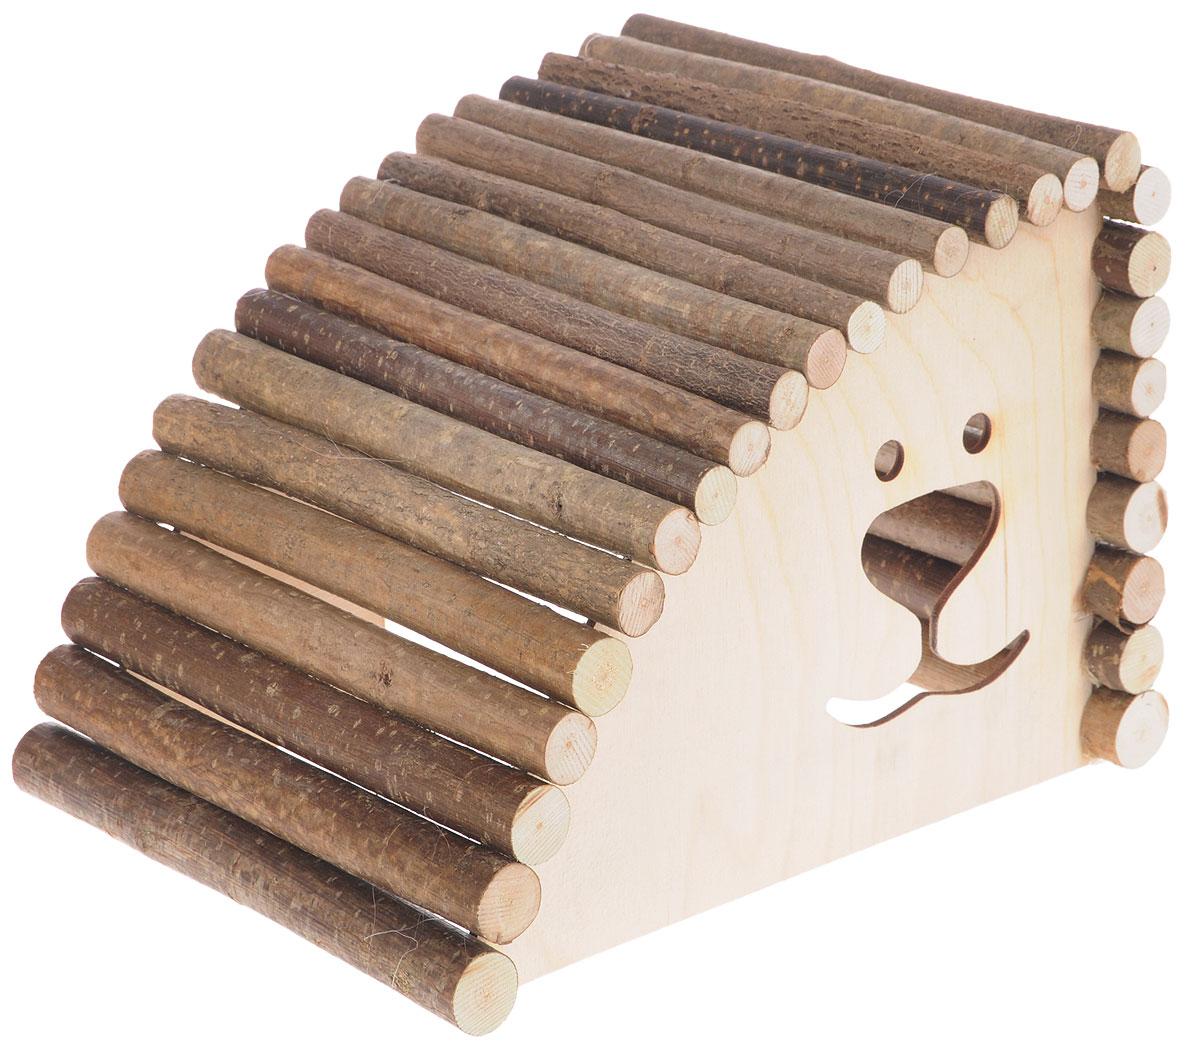 Домик для грызунов Zoobaloo Геркулес, левый угол, 29 х 20 х 20 см616Zoobaloo Геркулес - это комфортный деревянный домик для грызунов. Он послужит надежным укрытием вашему любимцу, а также идеальным местом для сна и отдыха. Домик весьма просторный, имеет оригинальную округлую крышу, изготовленную из прутьев орешника, и удобный вход.Этот аксессуар предоставит вашему любимцу минуты отдыха в течение дня и позволит ощутить максимальный комфорт и уют.